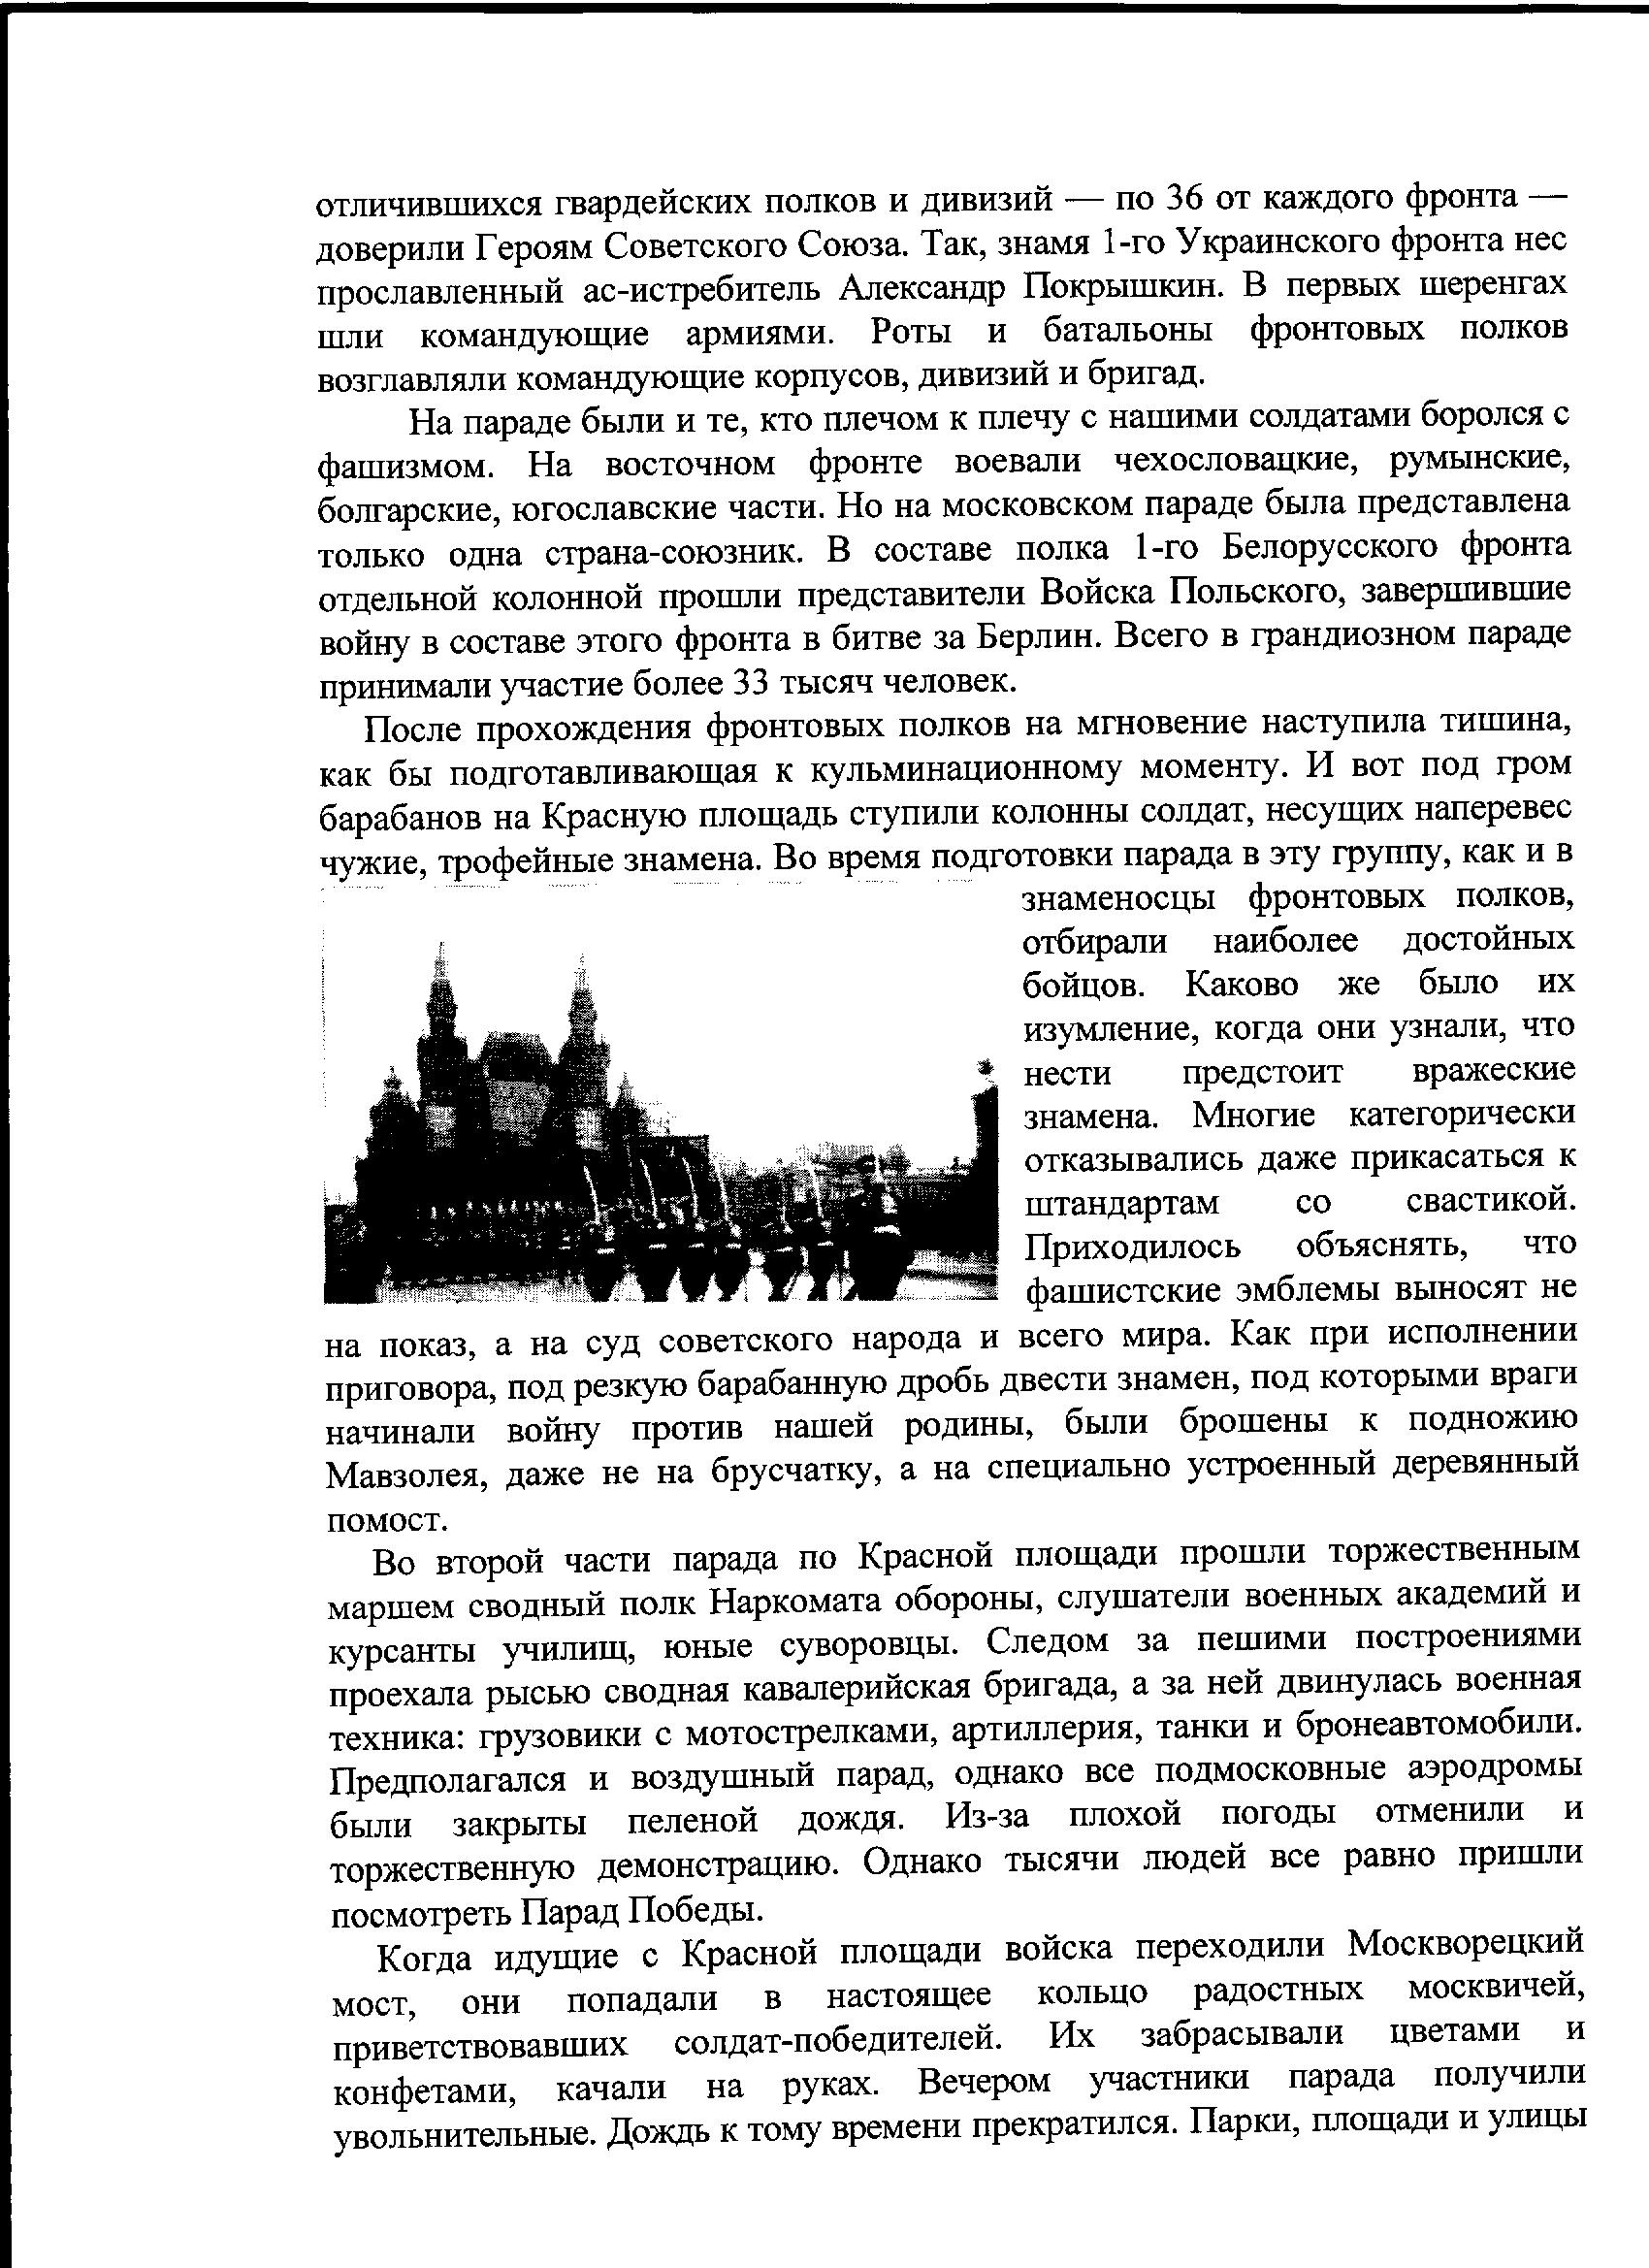 C:\Documents and Settings\Николай\Мои документы\Мои рисунки\Парадя папка\Парад 2.bmp